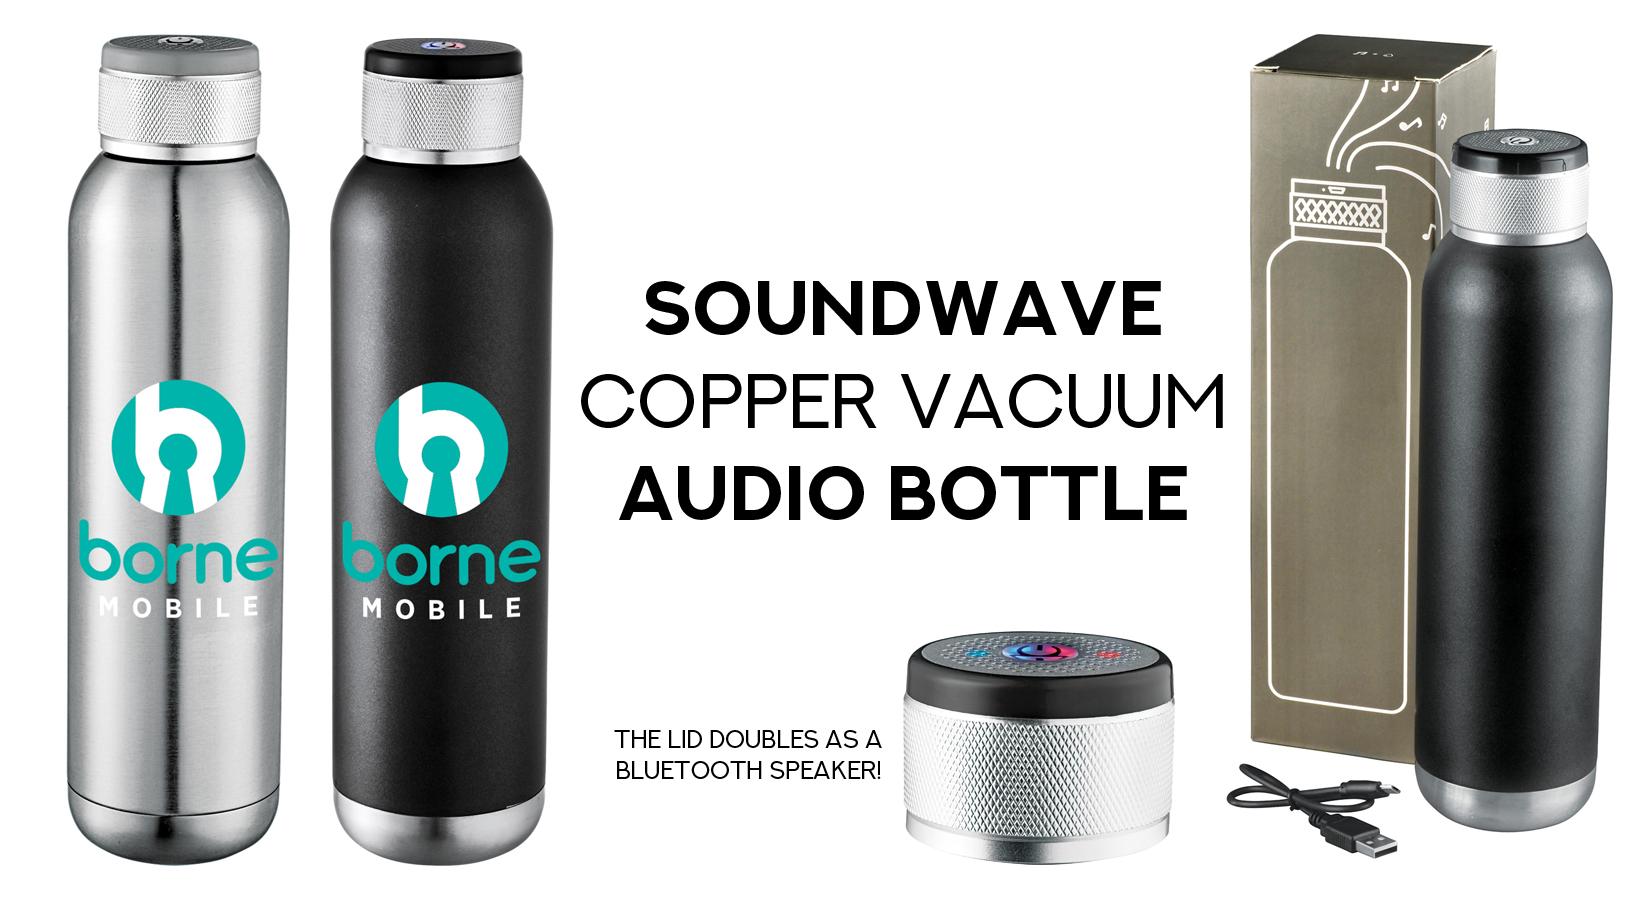 The Soundwave Copper Vacuum Audio Bottle